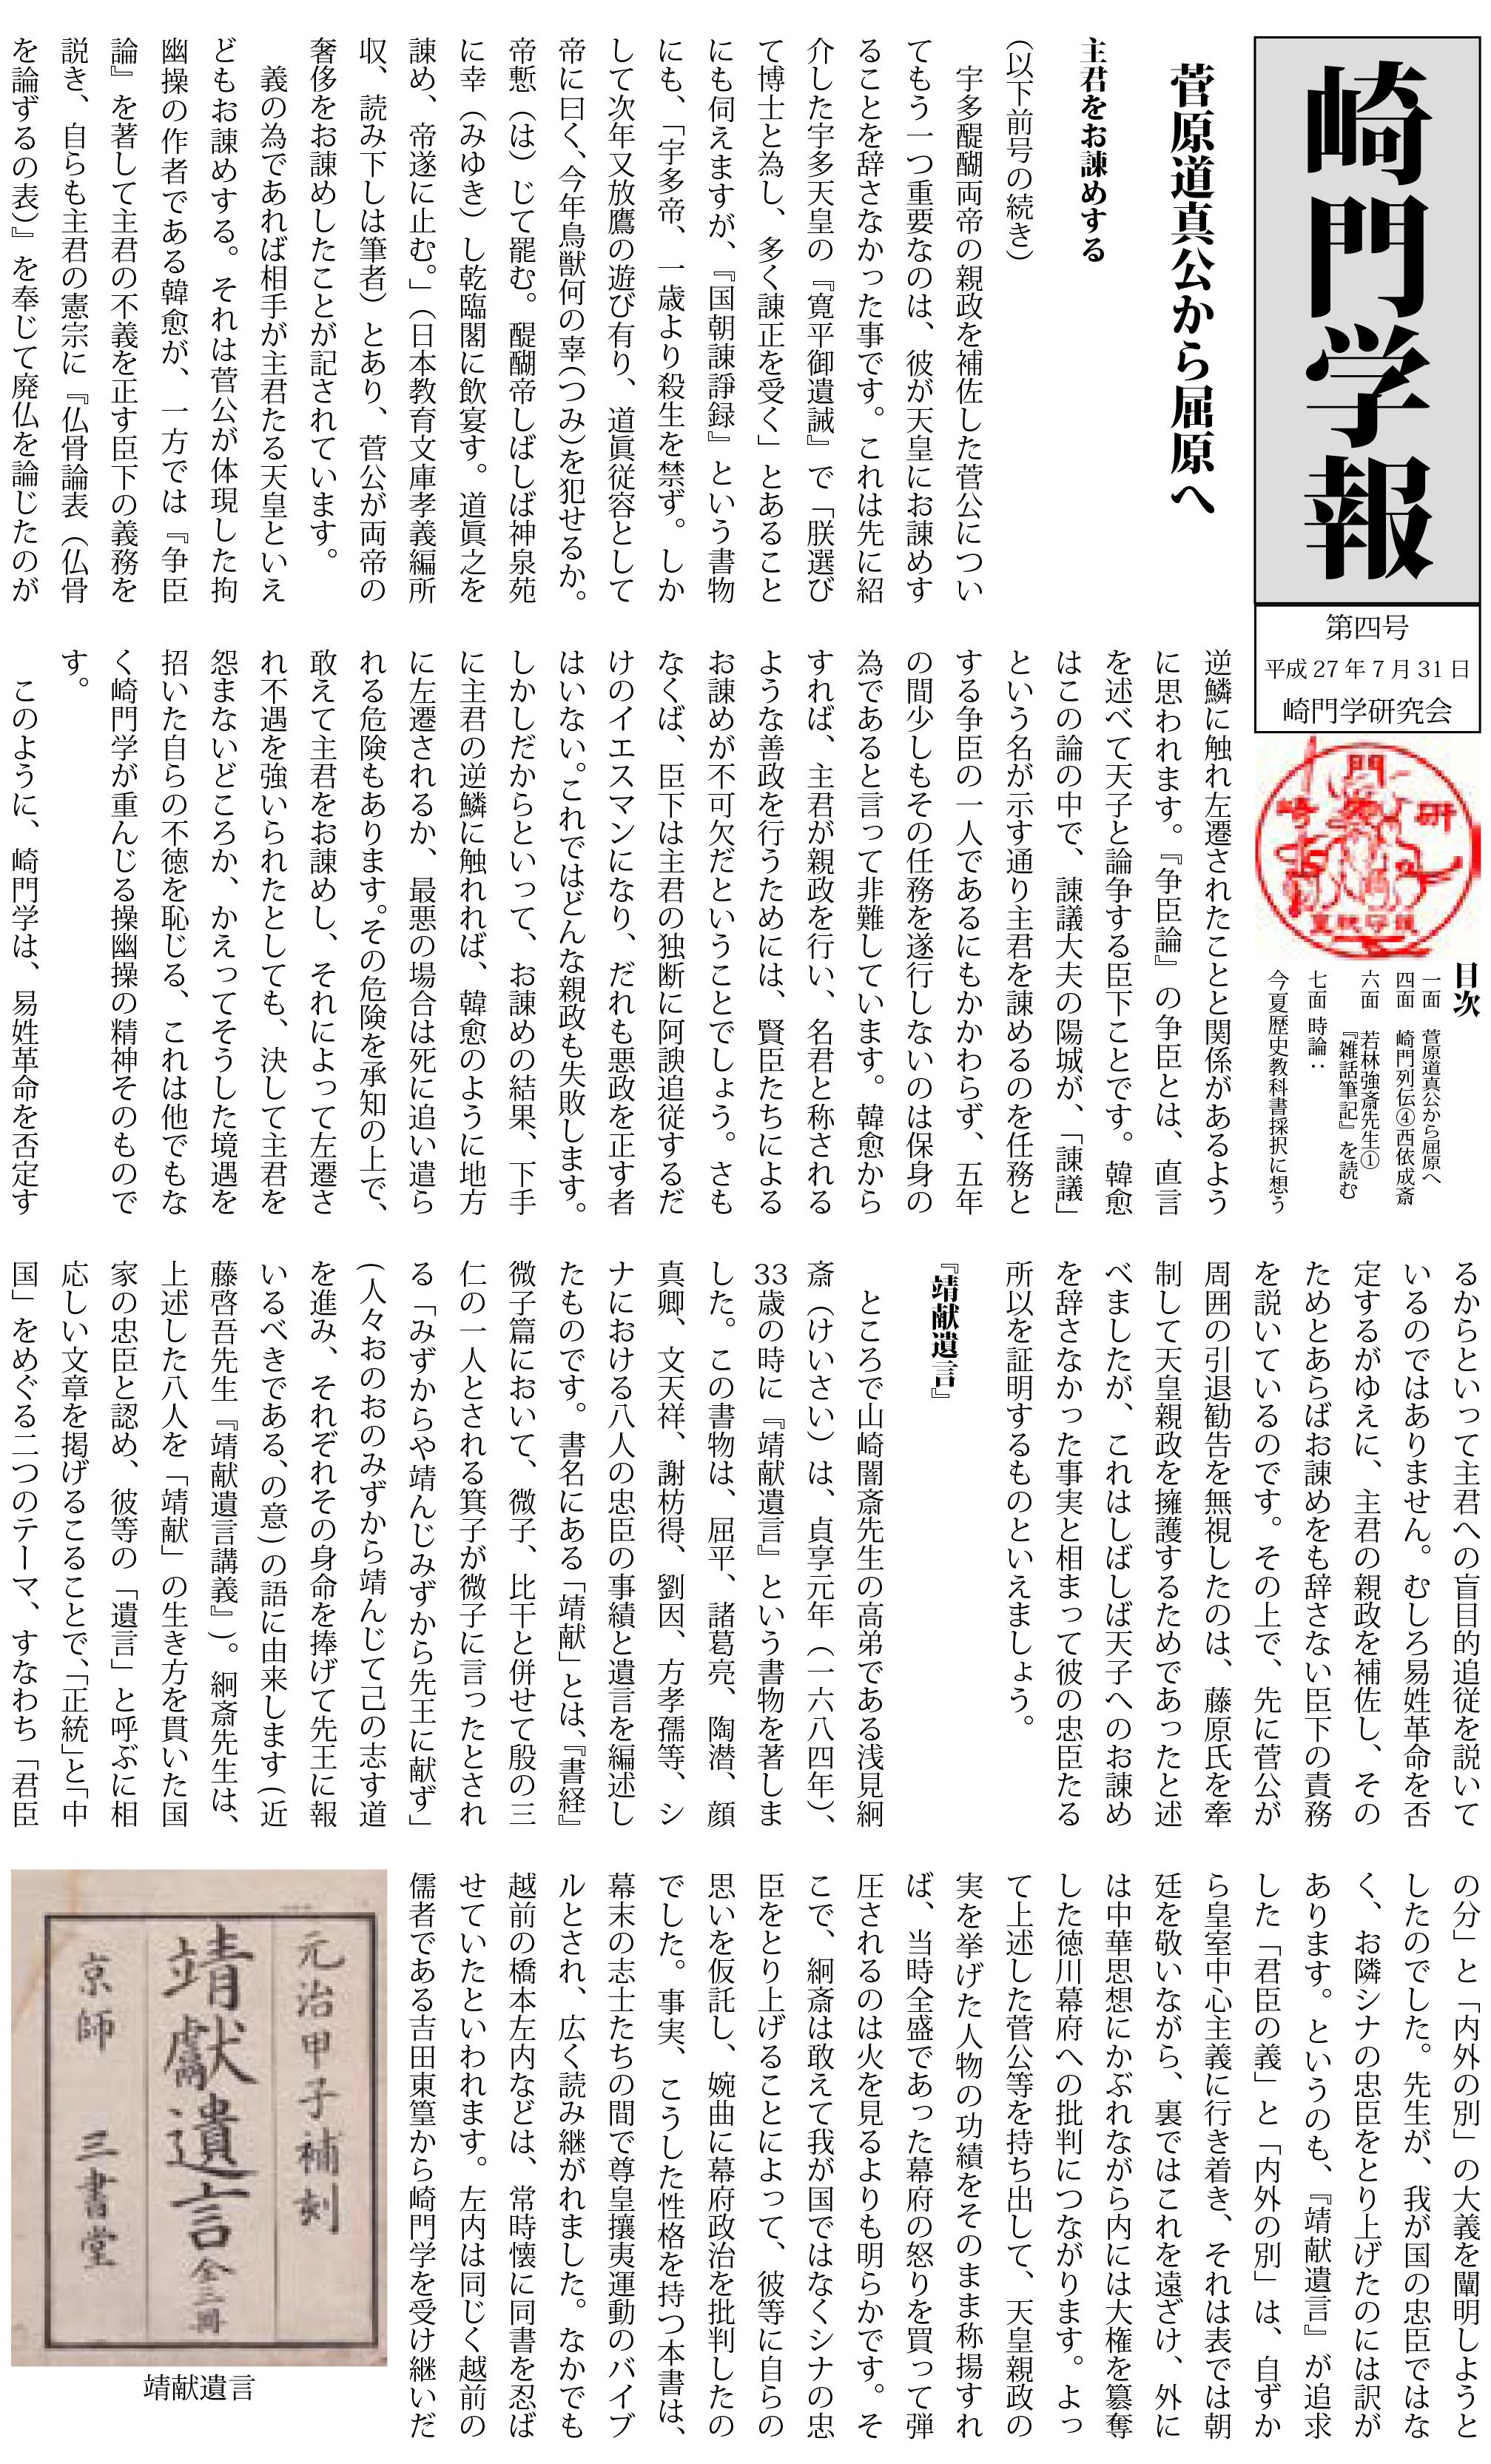 『崎門学報』第4号・ダウンロード販売